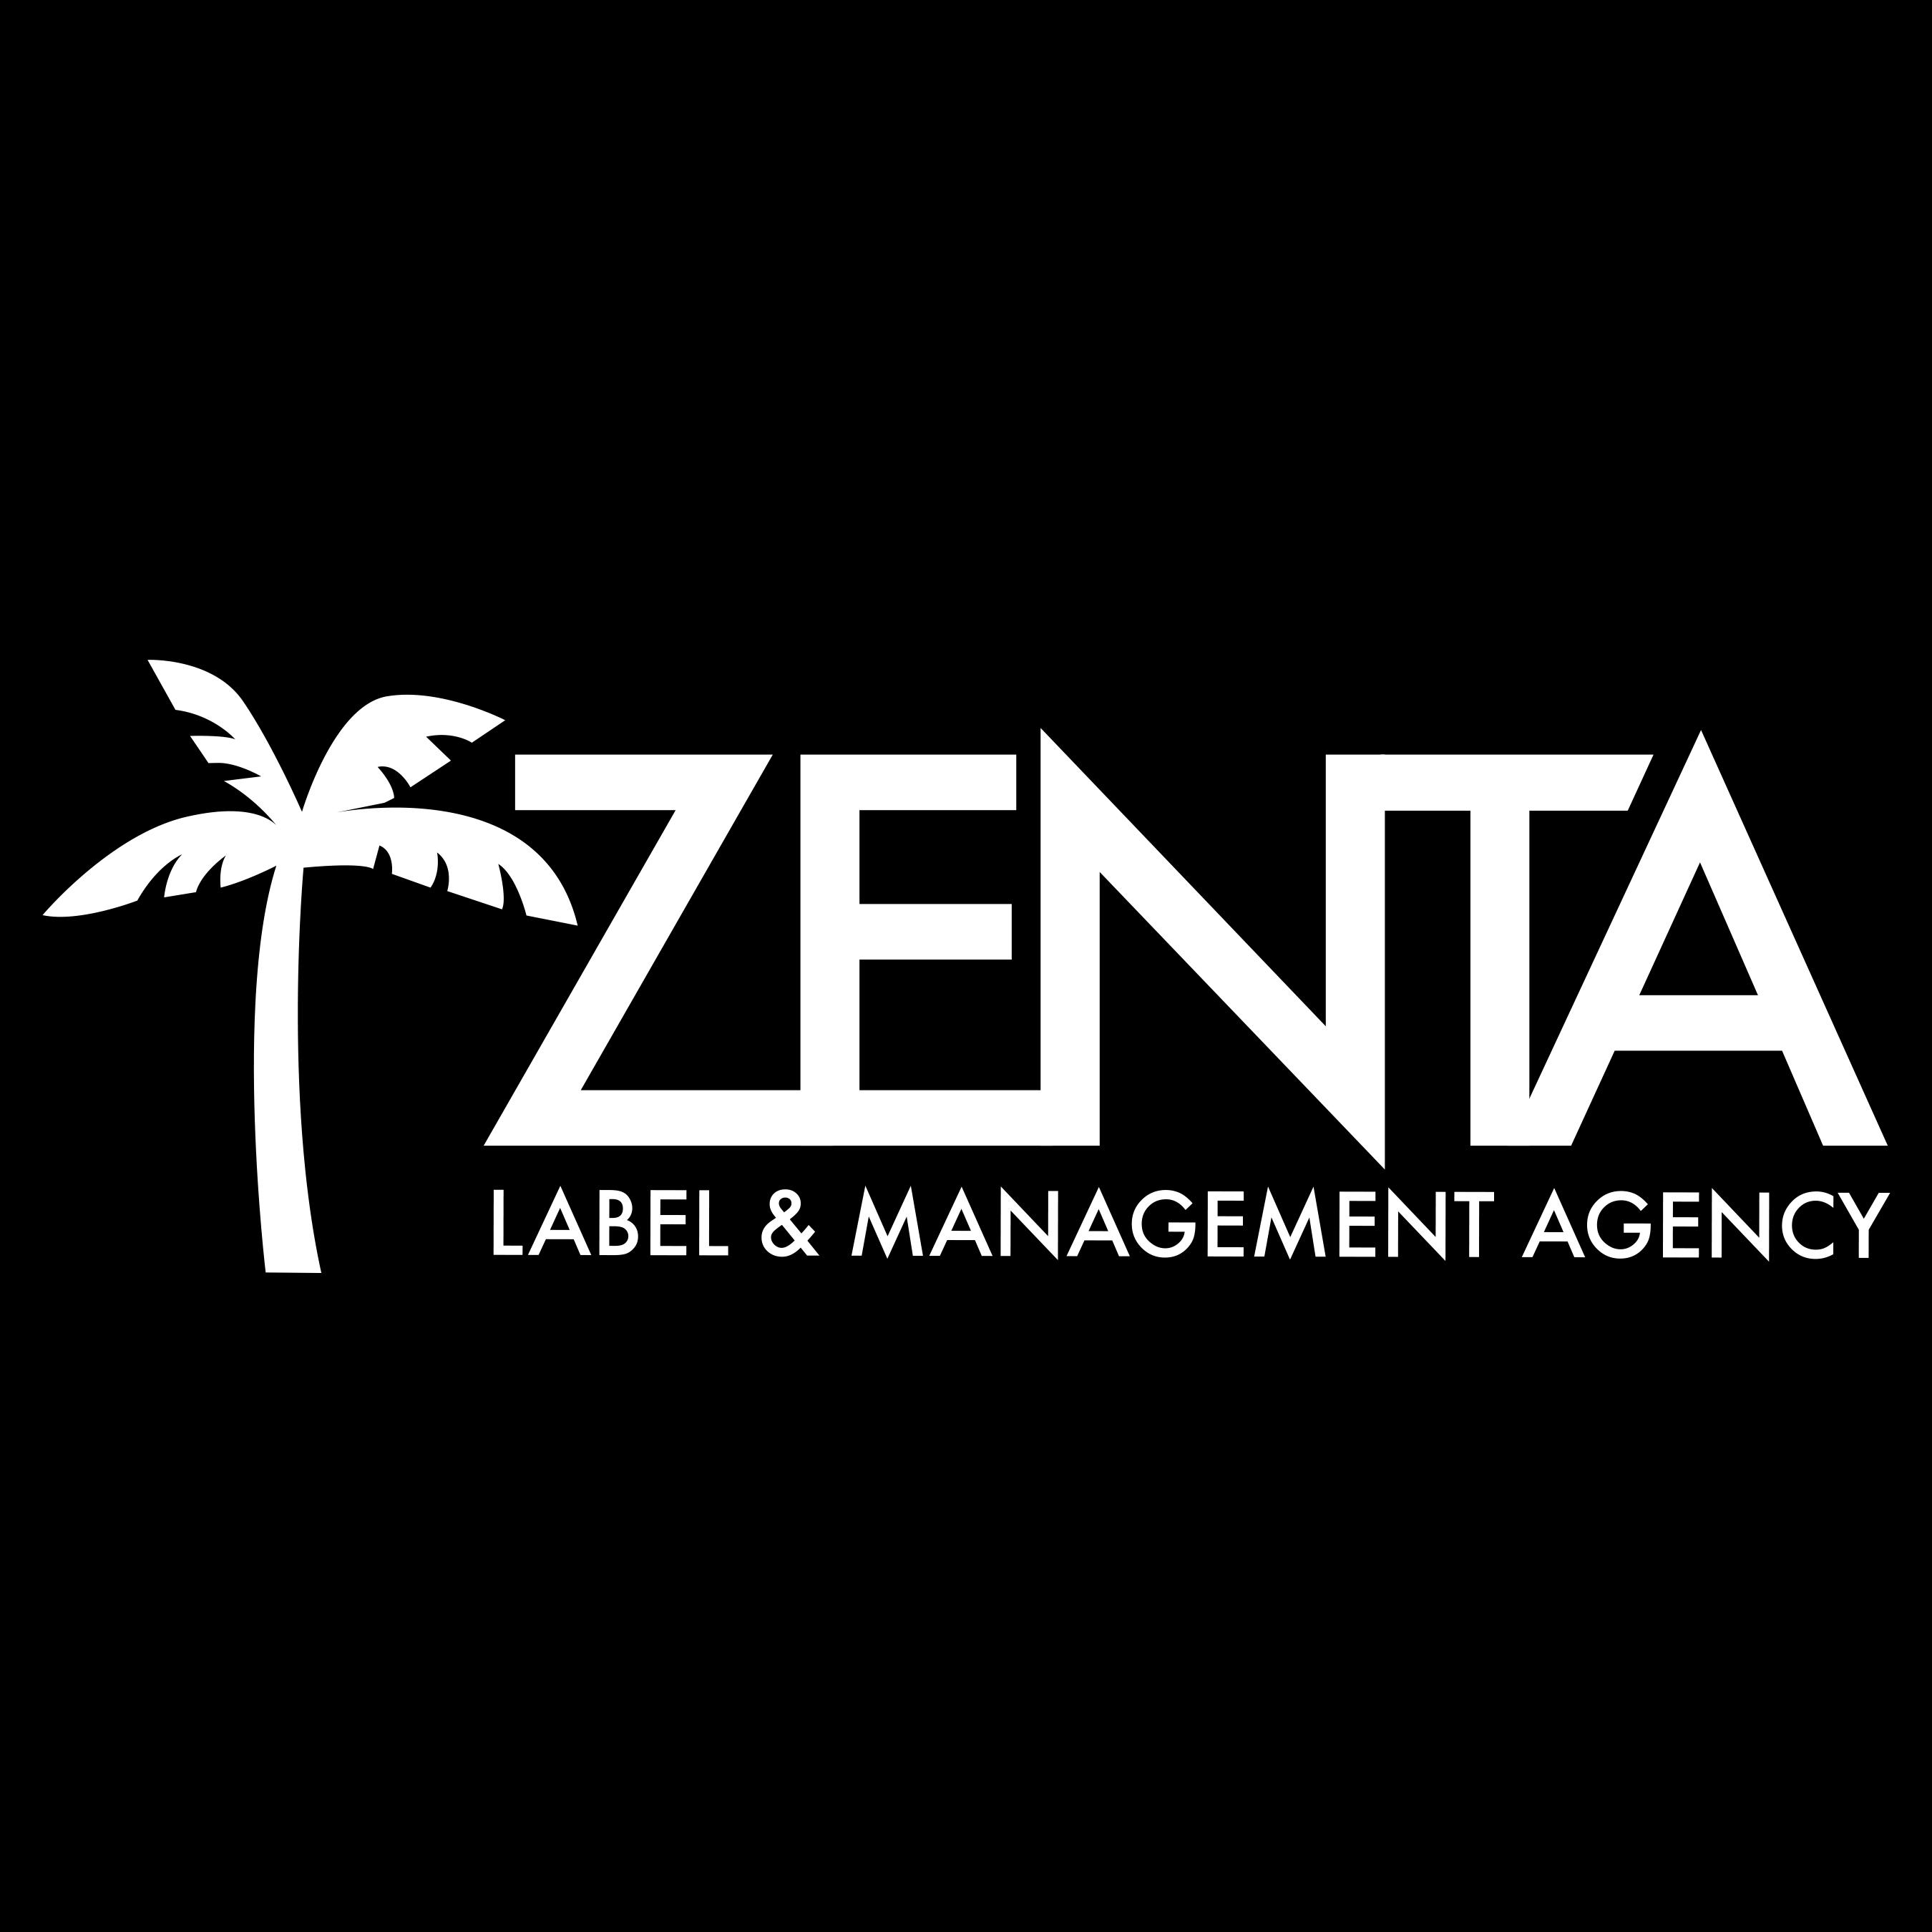 Zenta_beatport_logo